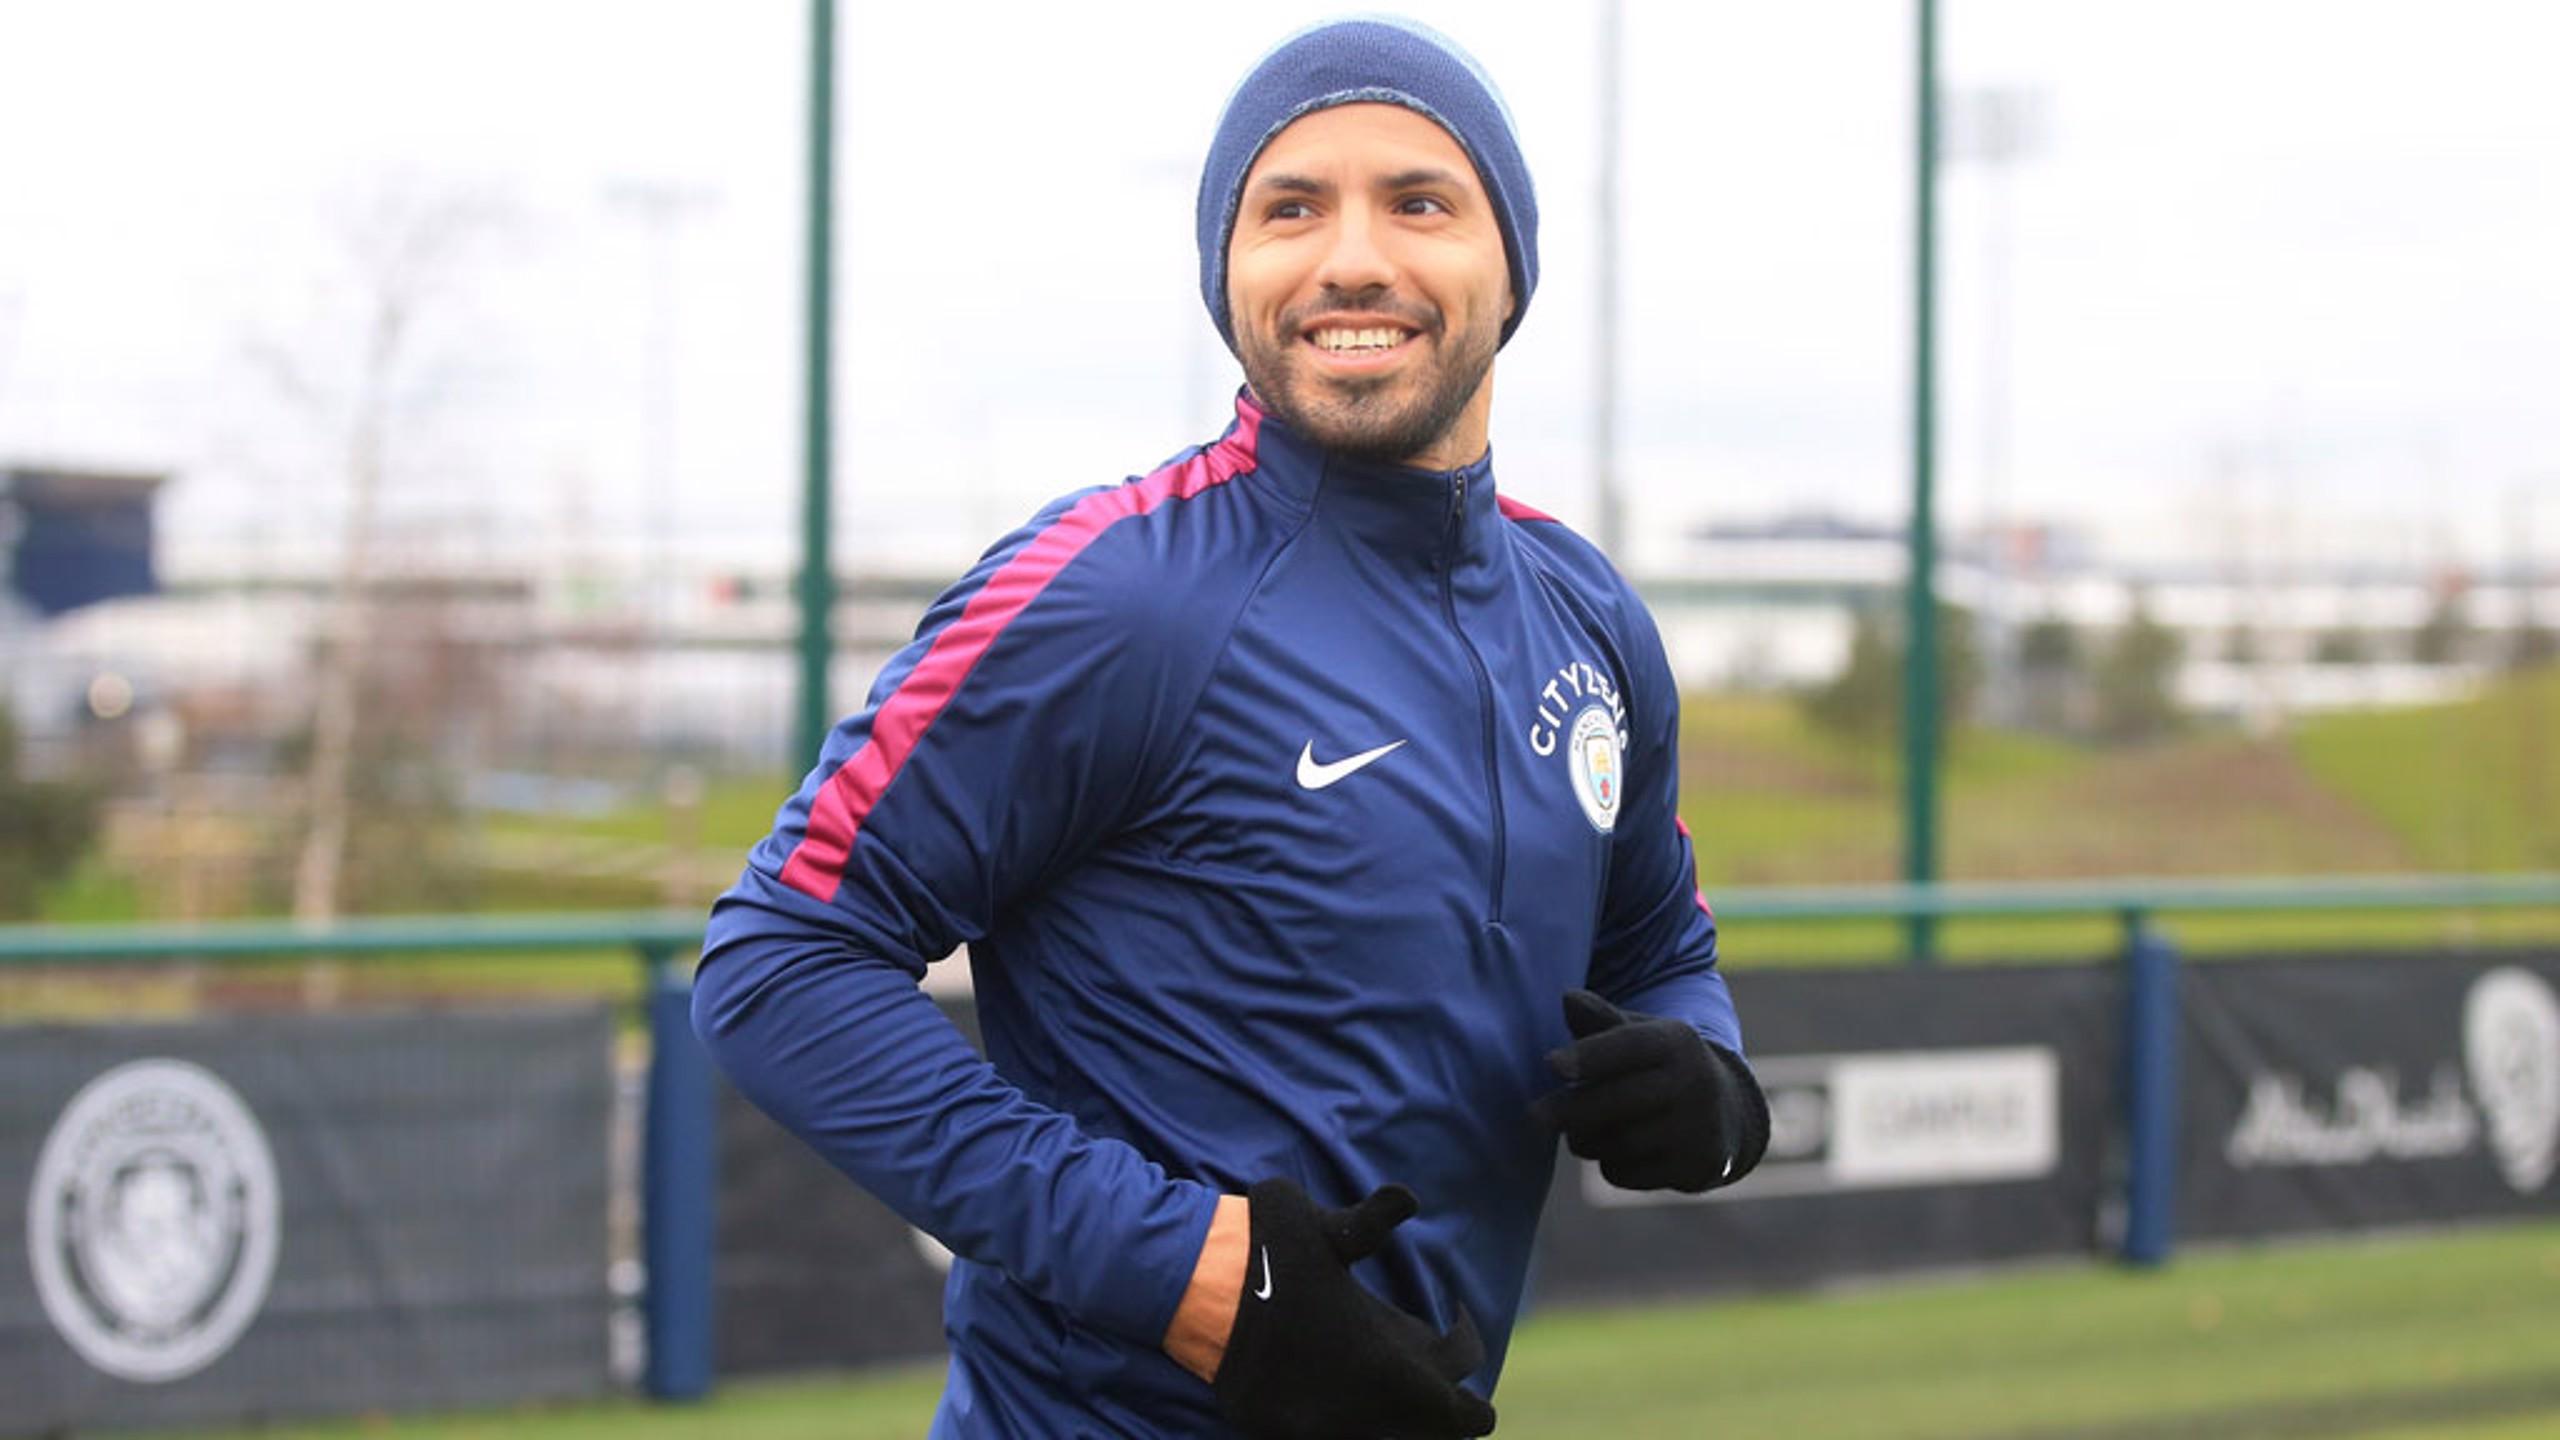 سيرجيو أجويرو وسعادة قبيل بداية التدريبات.